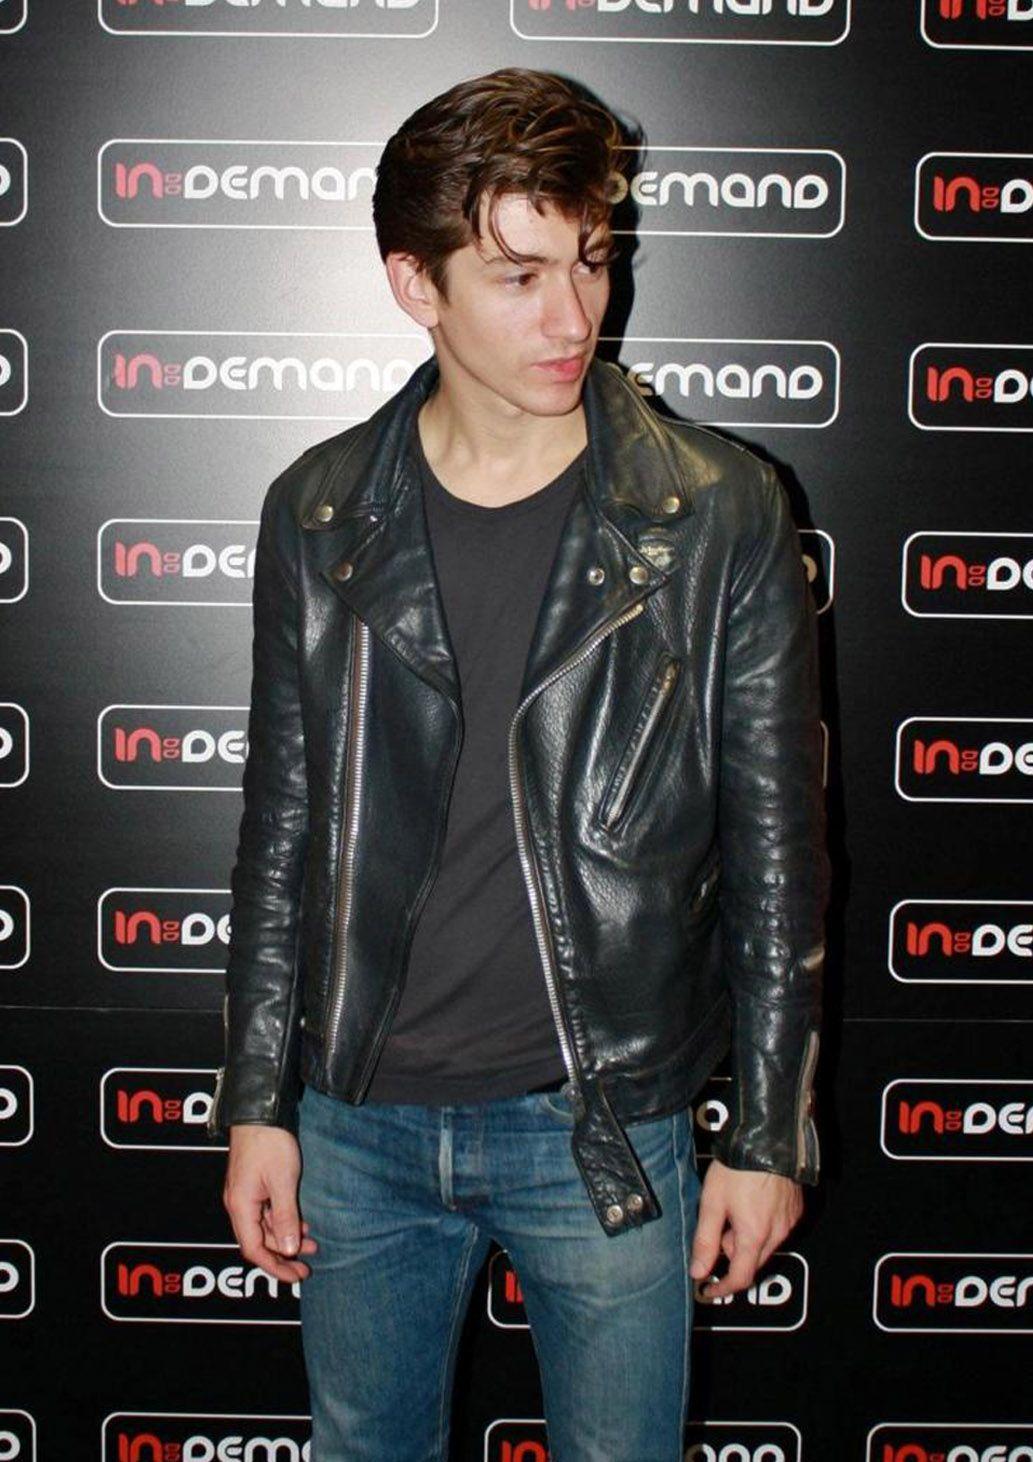 Lewis Leathers Alex Turner Leather Jacket Leather Jacket Men Leather Jacket [ 1462 x 1033 Pixel ]